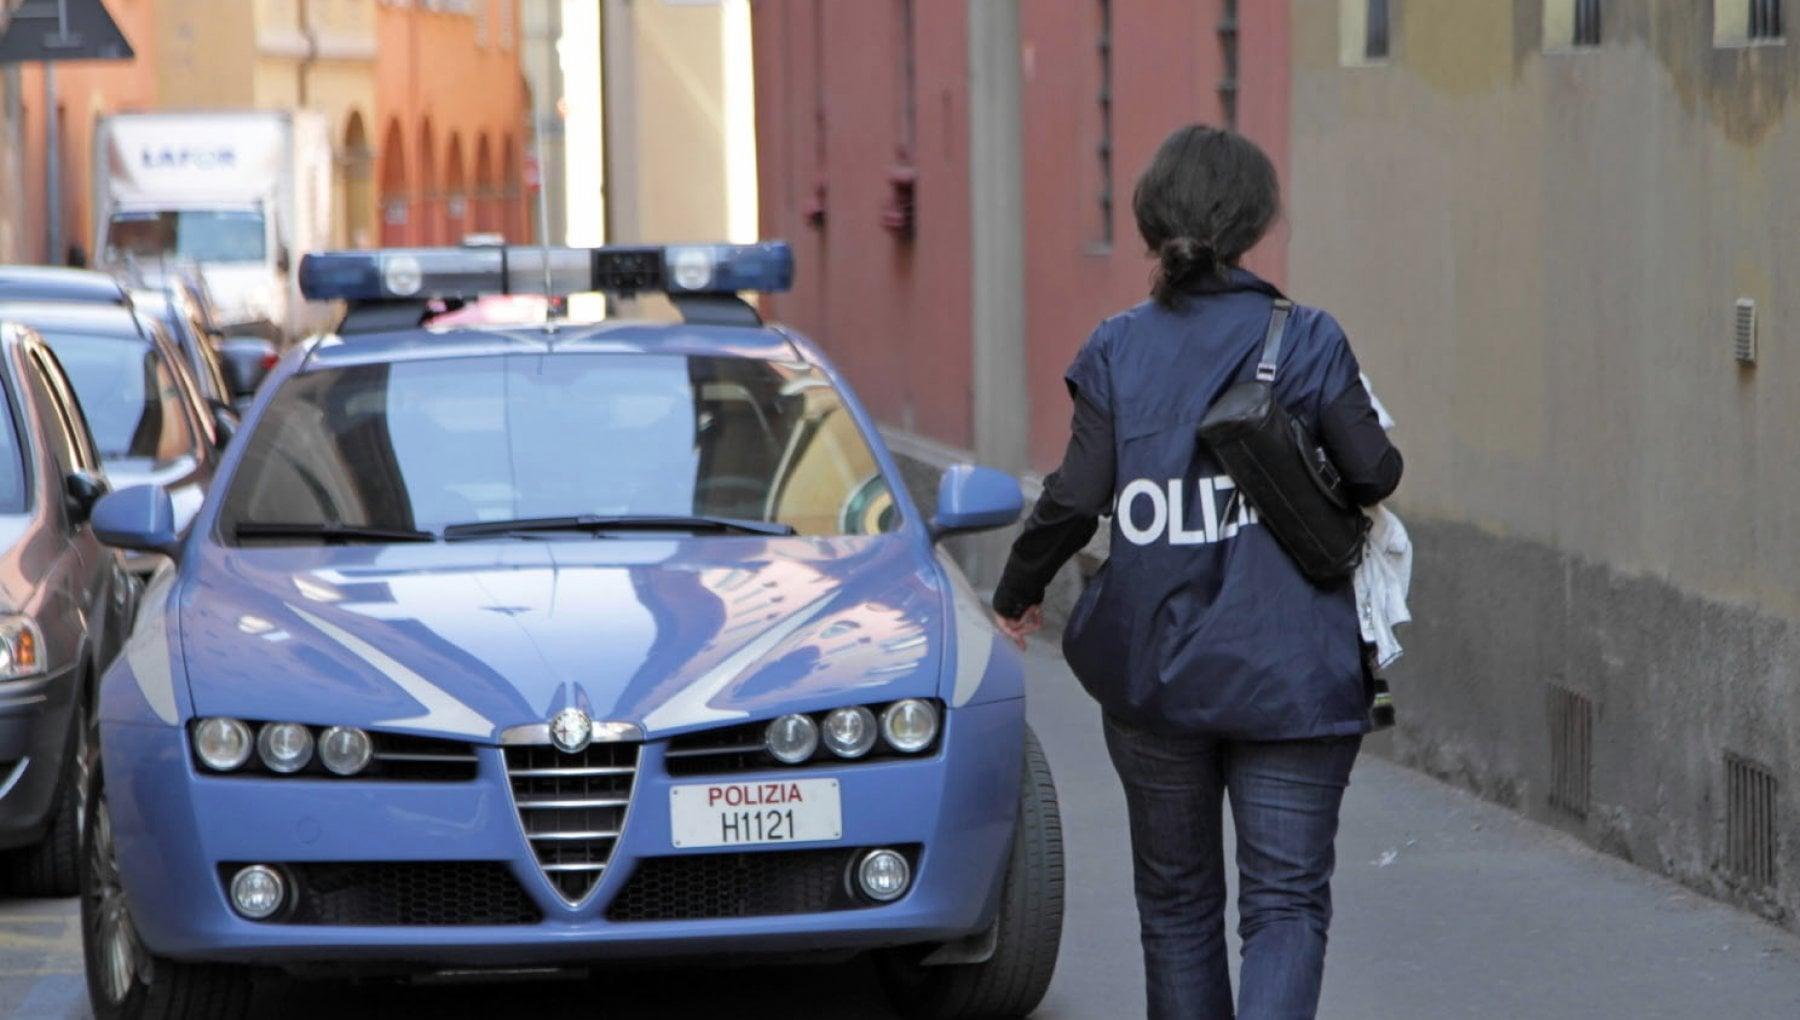 Imola violenze sessuali durante i pigiama party della figlia condannato a 6 anni e 4 mesi